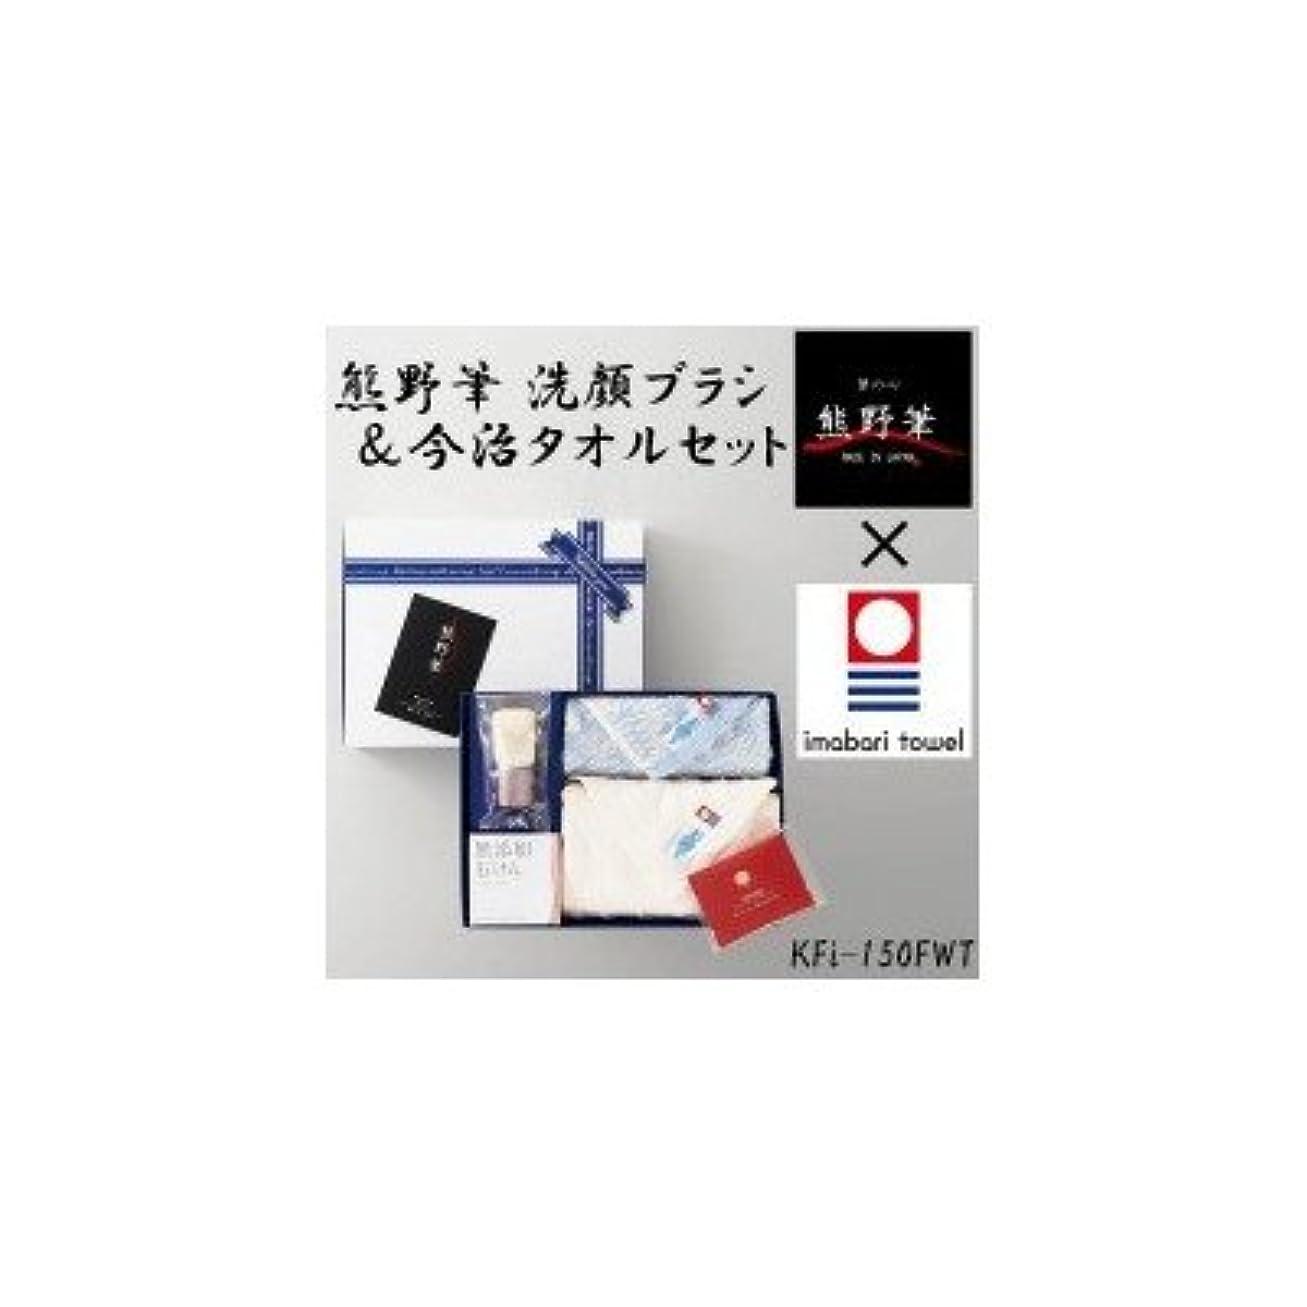 看板キウイホイップ熊野筆と今治タオルのコラボレーション 熊野筆 洗顔ブラシ&今治タオルセット KFi-150FWT